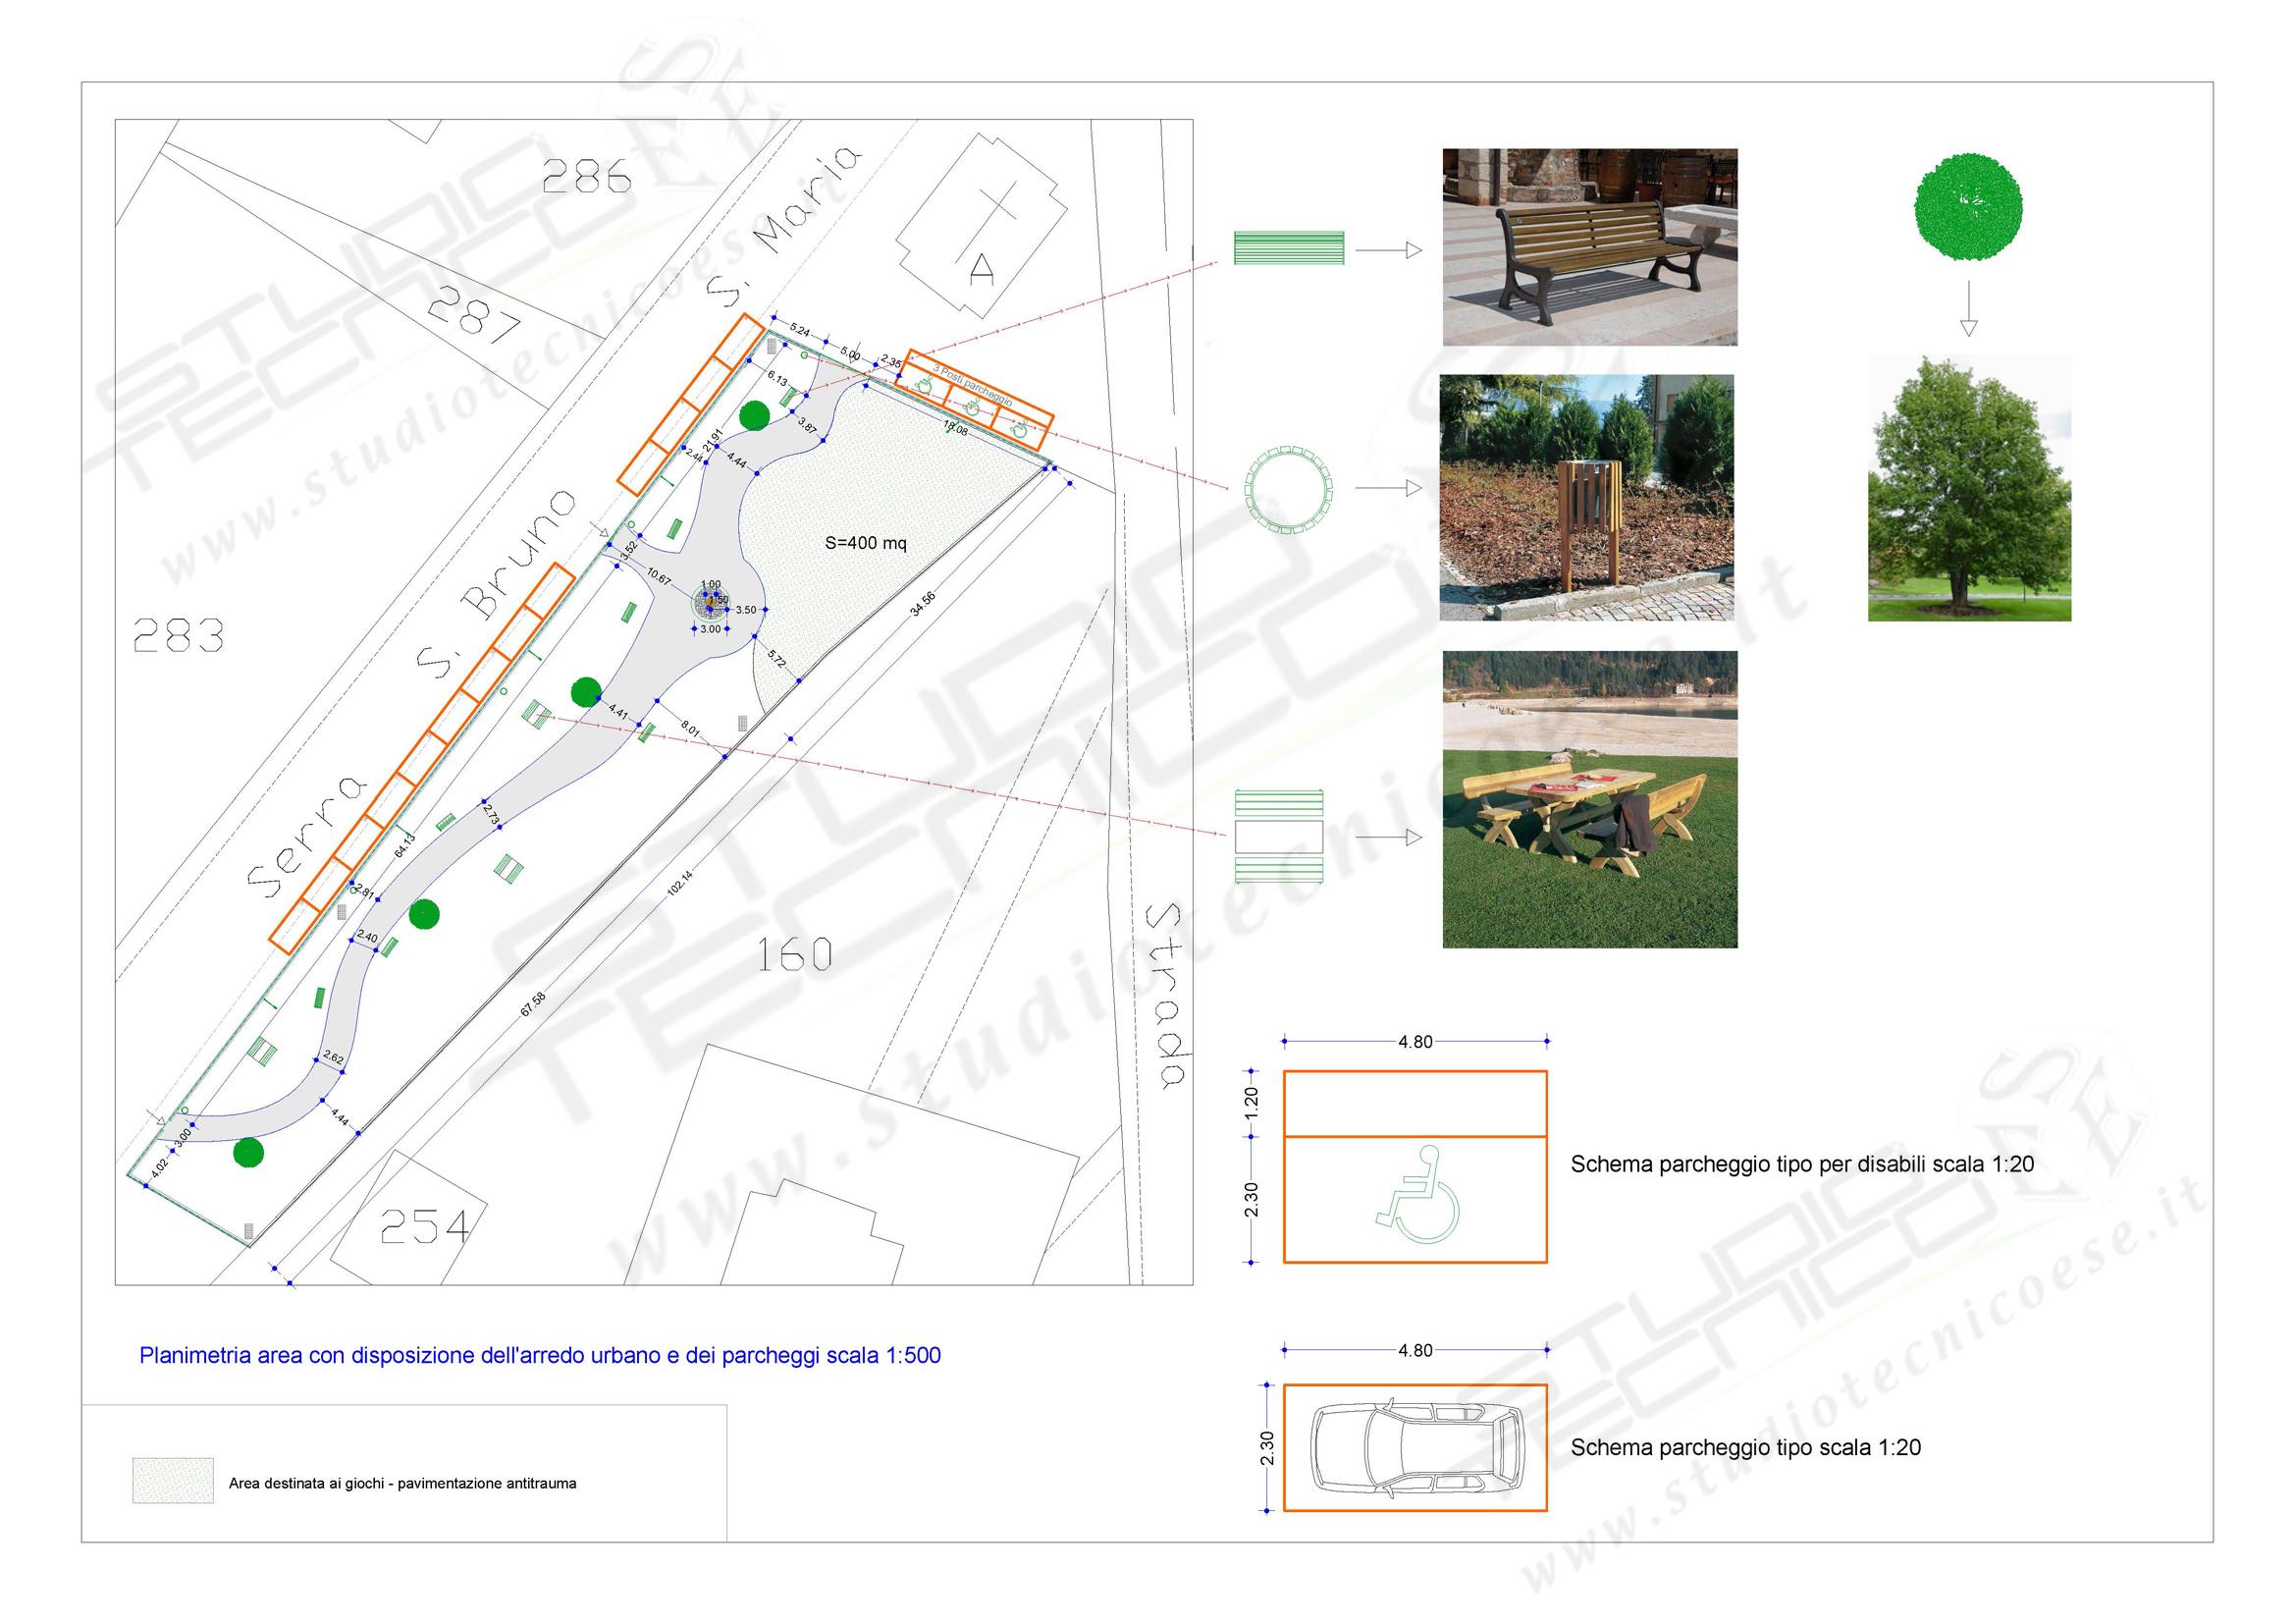 planimetria-area-con-disposizione-dell-arredo-urbano-e-dei-parcheggi